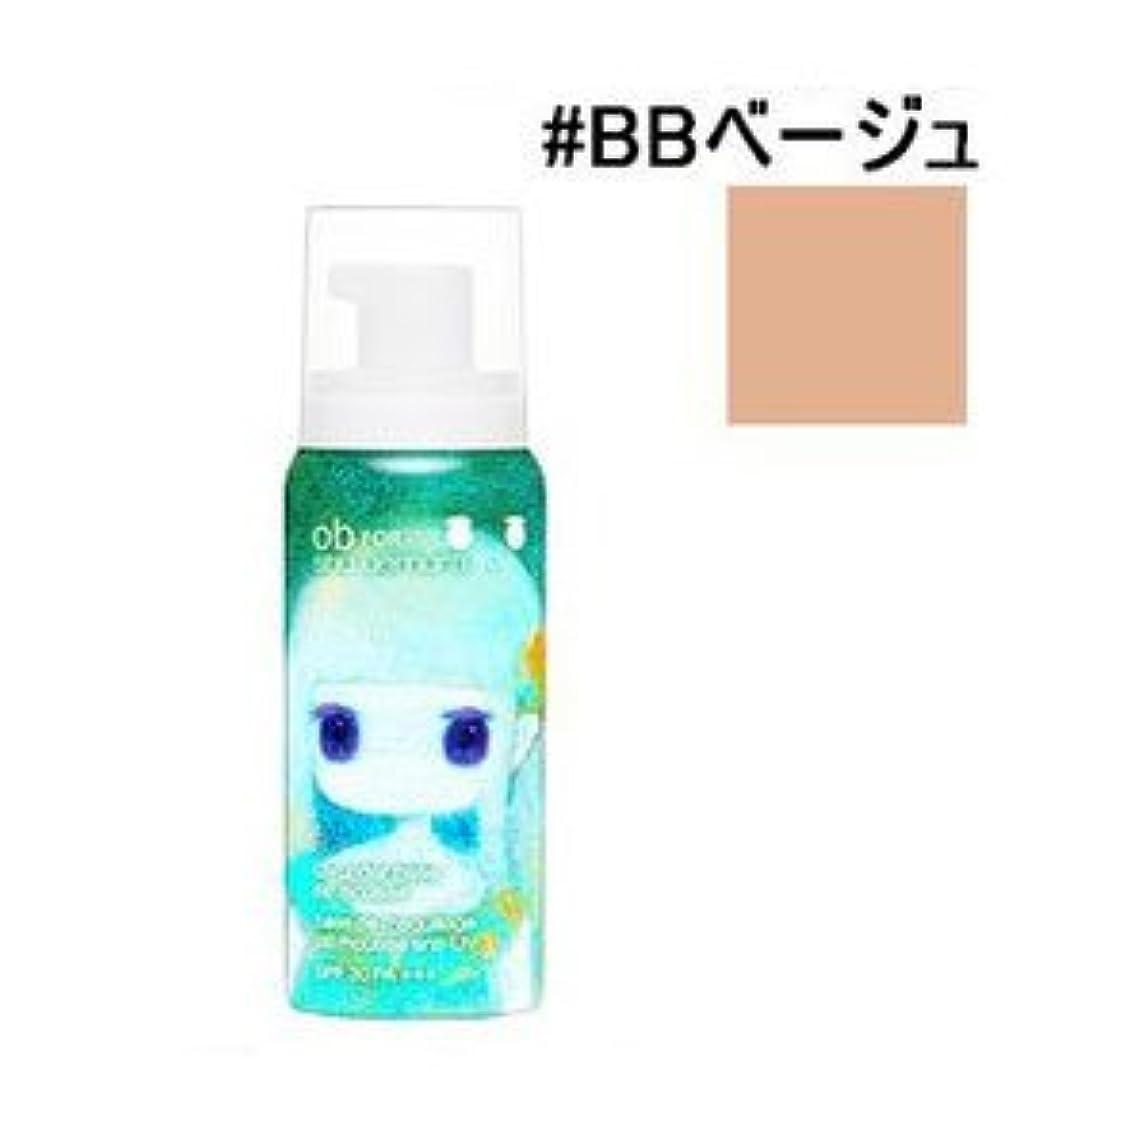 ヒューズ多様な集計shu uemura シュウ ウエムラ<br>UV アンダー ベース ムース #BB beige<br>SPF 30 ? PA+++<br>65g [並行輸入品]